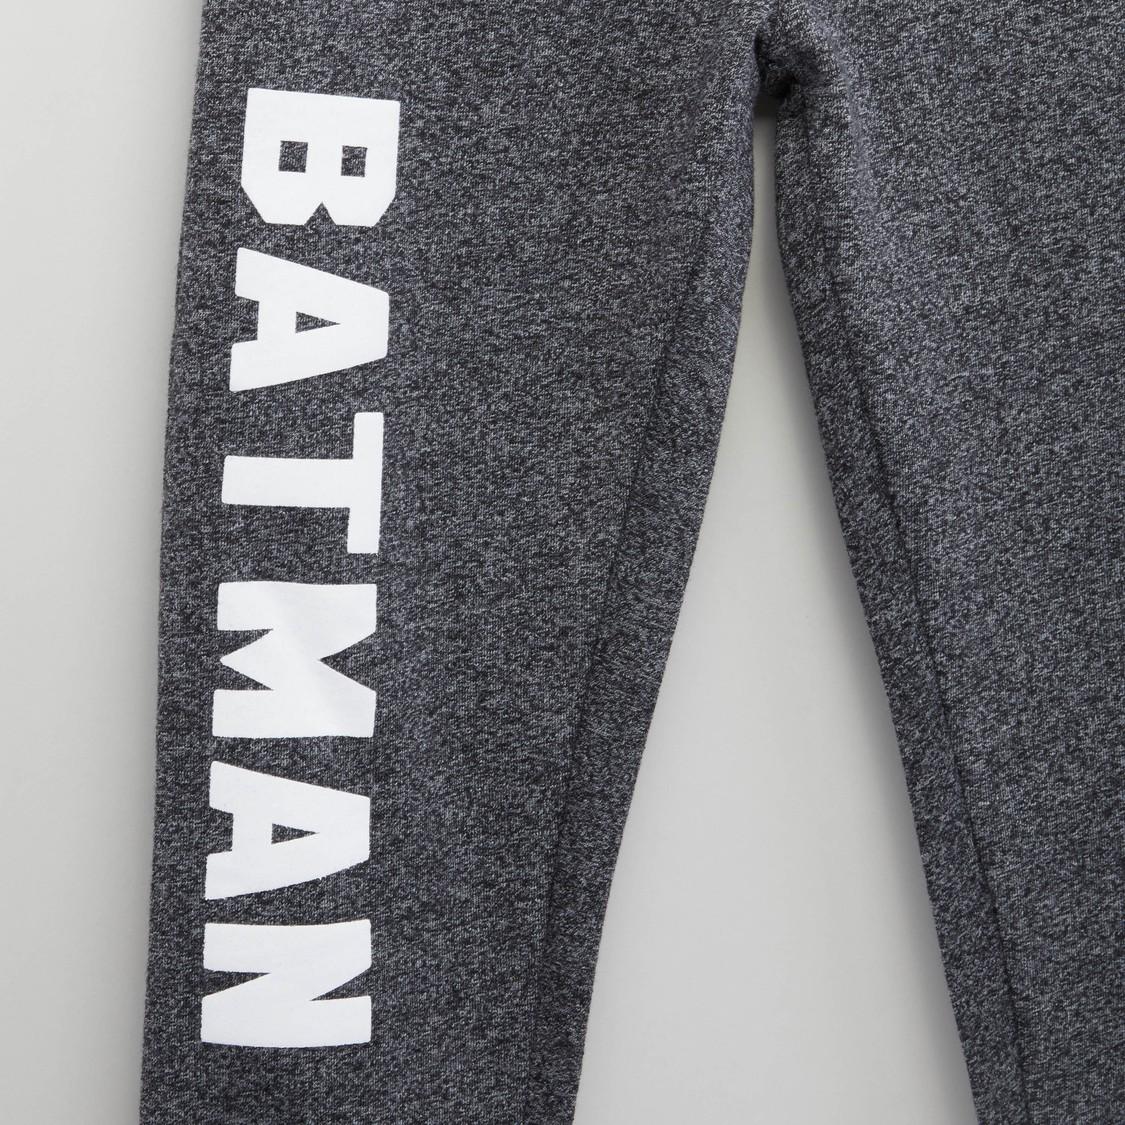 بنطلون رياضي بخصر مطّاطي ورباط مع طبعة باتمان